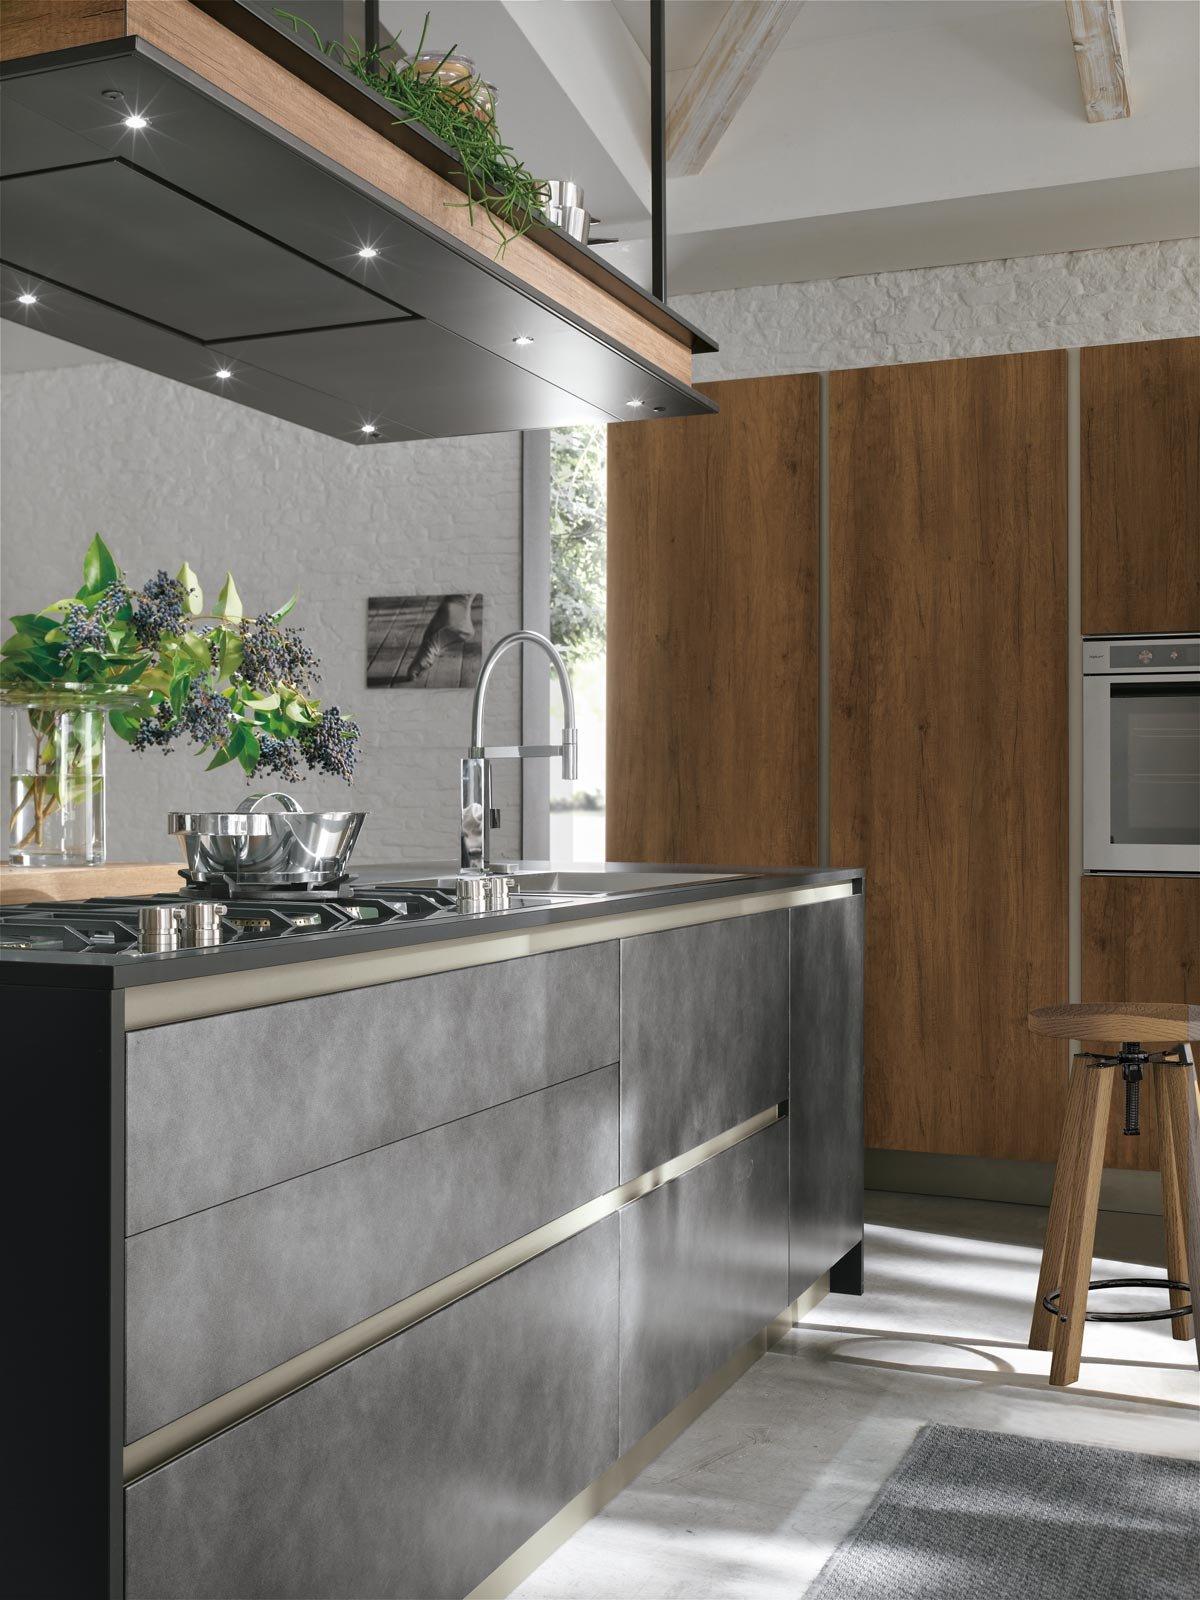 Eurocucina 2016 superfici soft touch per le nuove cucine for Prodotti da cucina